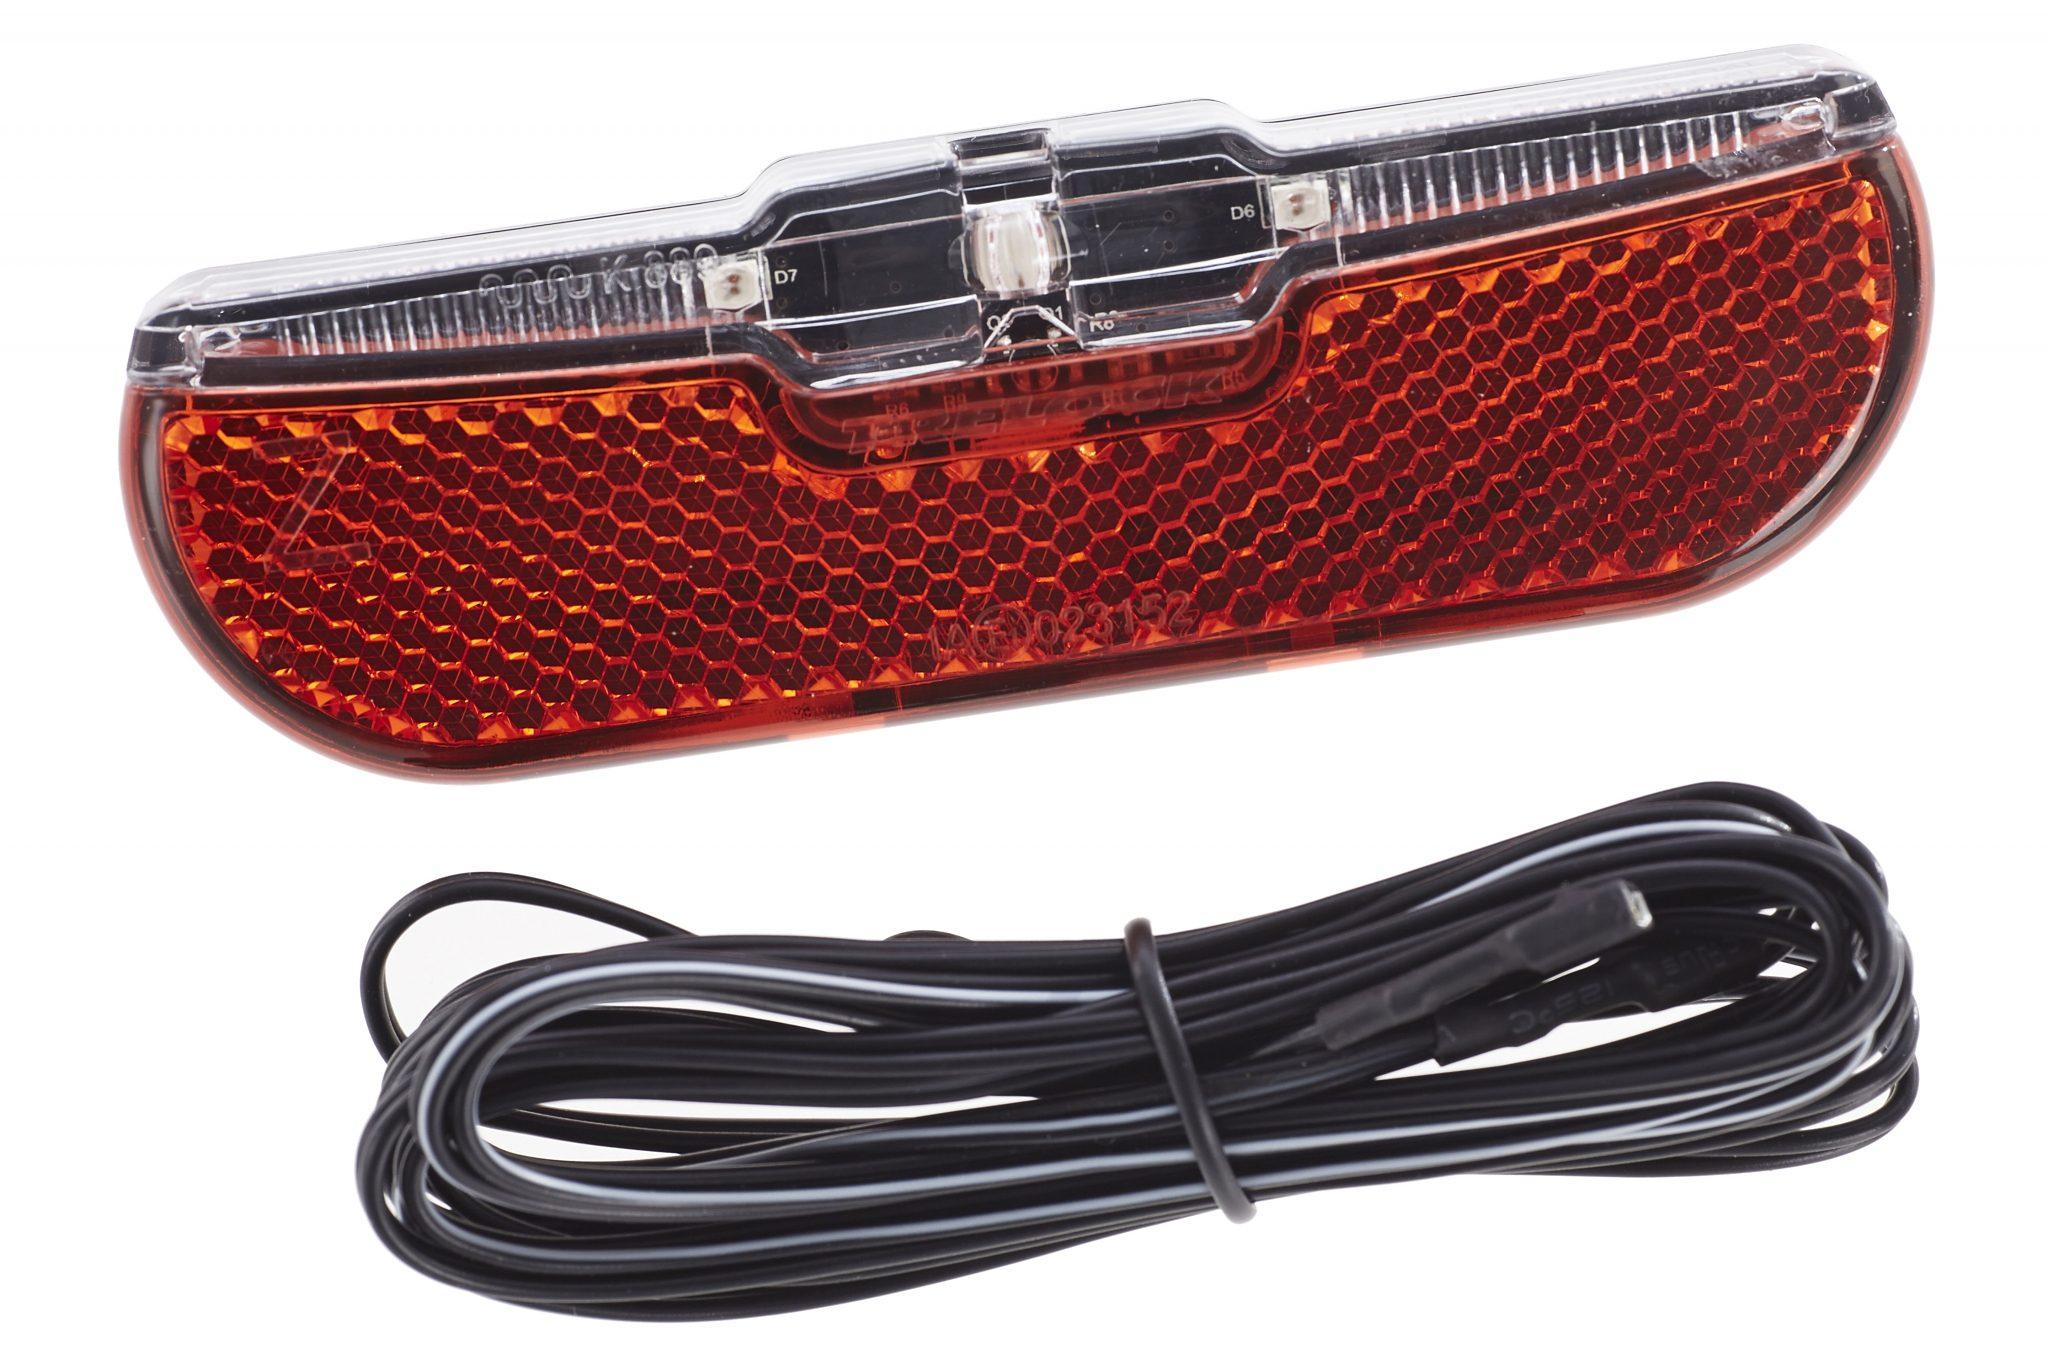 Trelock Fahrradbeleuchtung »LS 820 Duo Flat Signal Rücklicht«